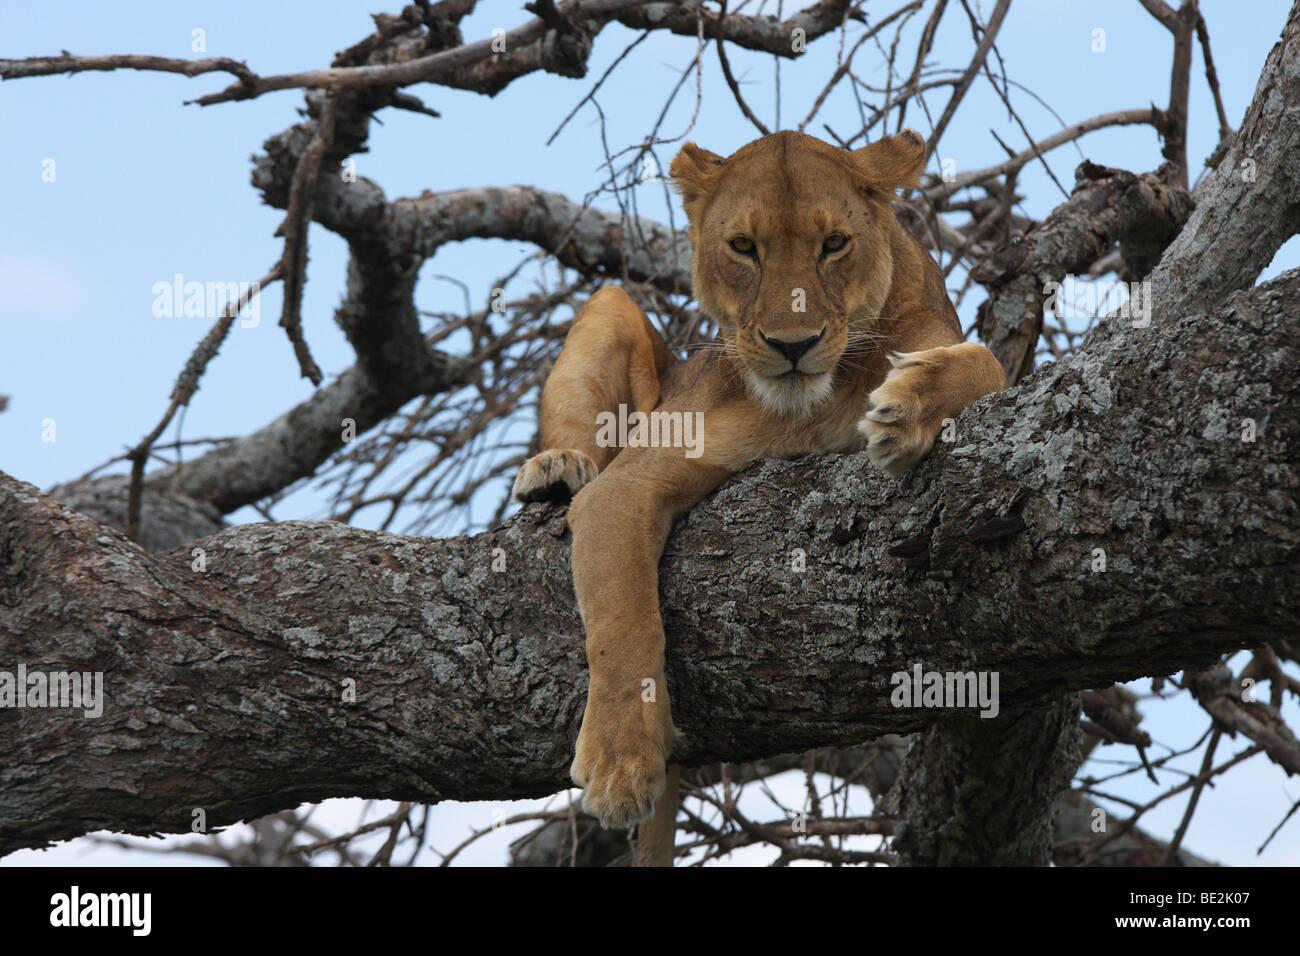 Lion (Panthera leo) in Lake Manyara National Park, Tanzania, Africa - Stock Image